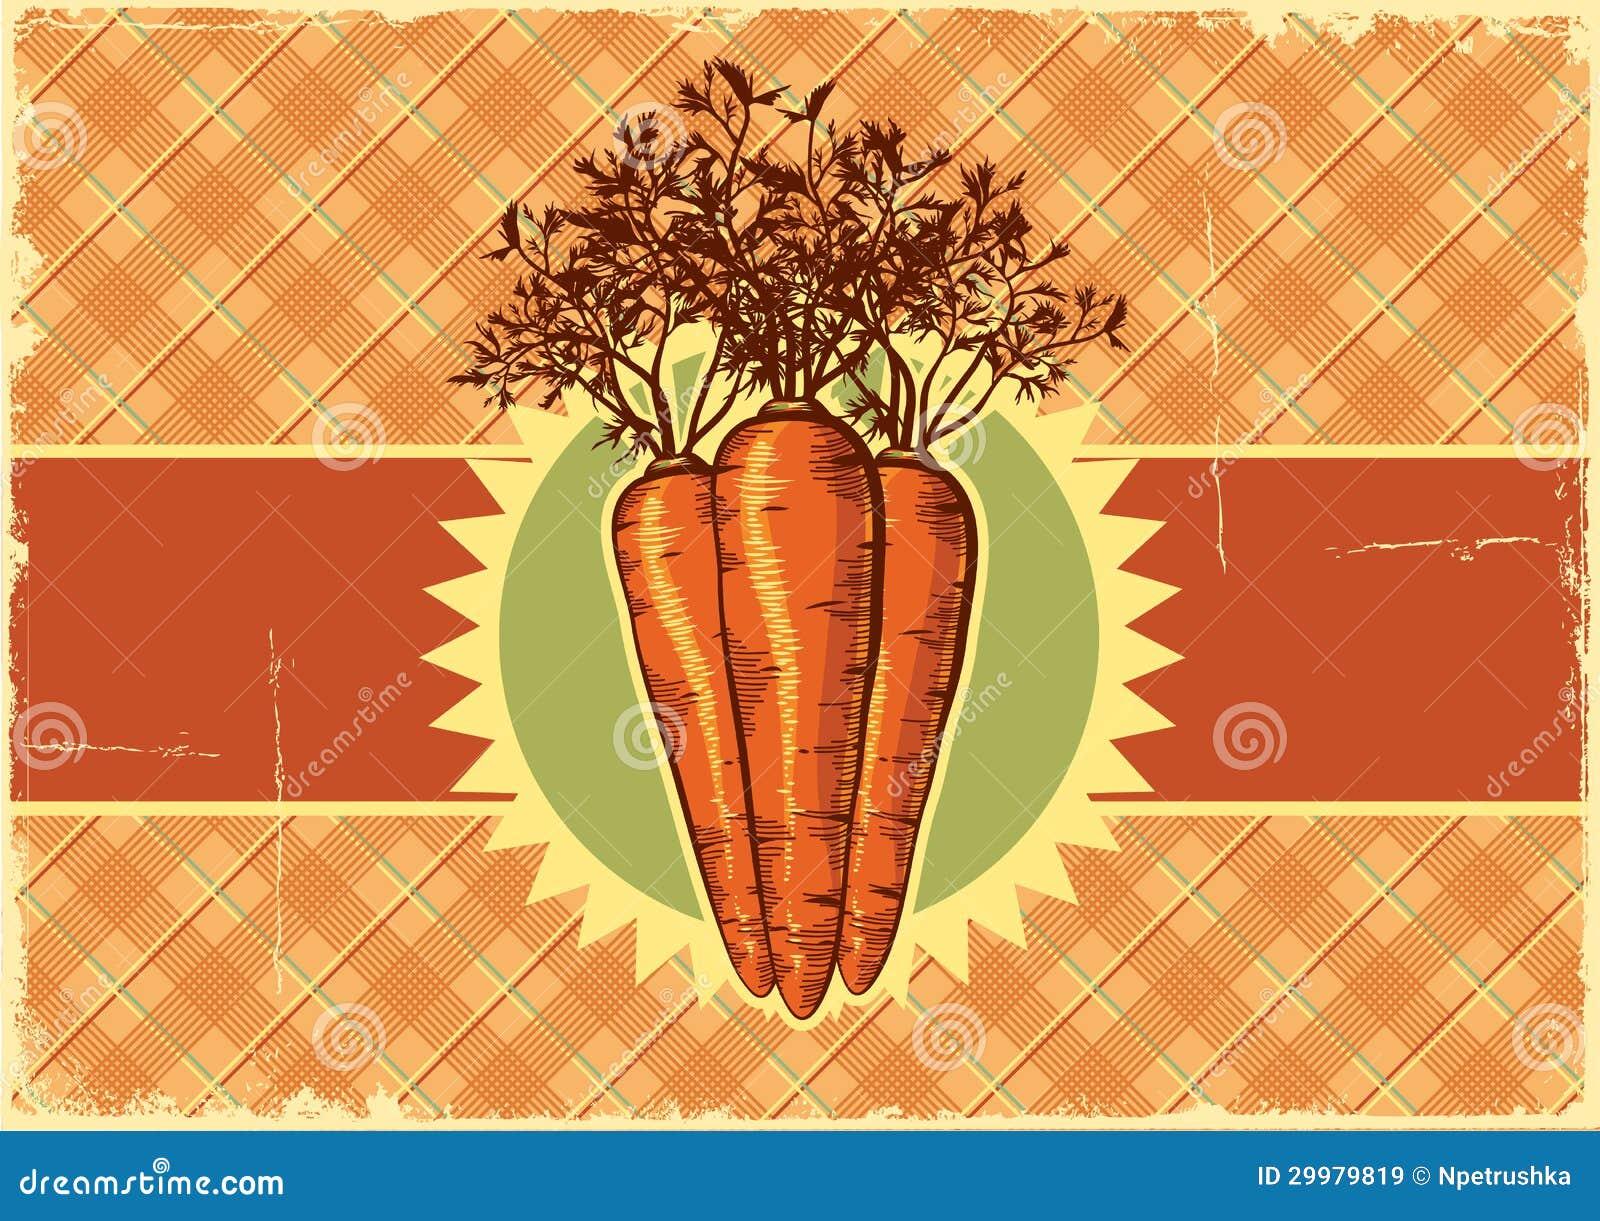 Carrots.Vintage Label Background For Design Royalty Free ...